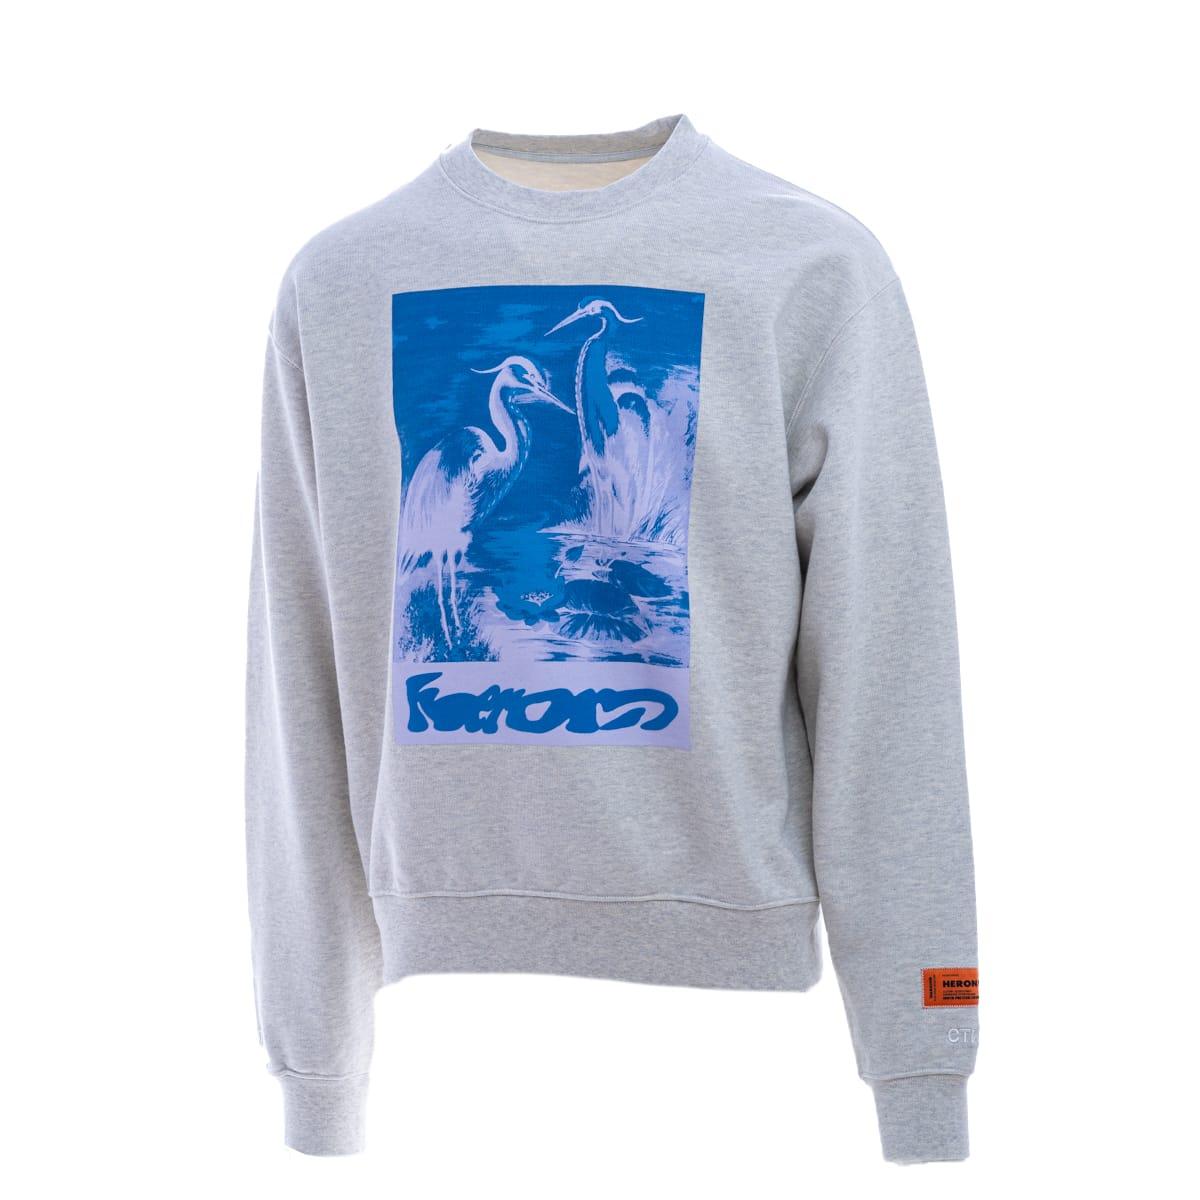 Heron Preston Sweaters HERON PRESTON HERON PRESTON COTTON SWEATSHIRT